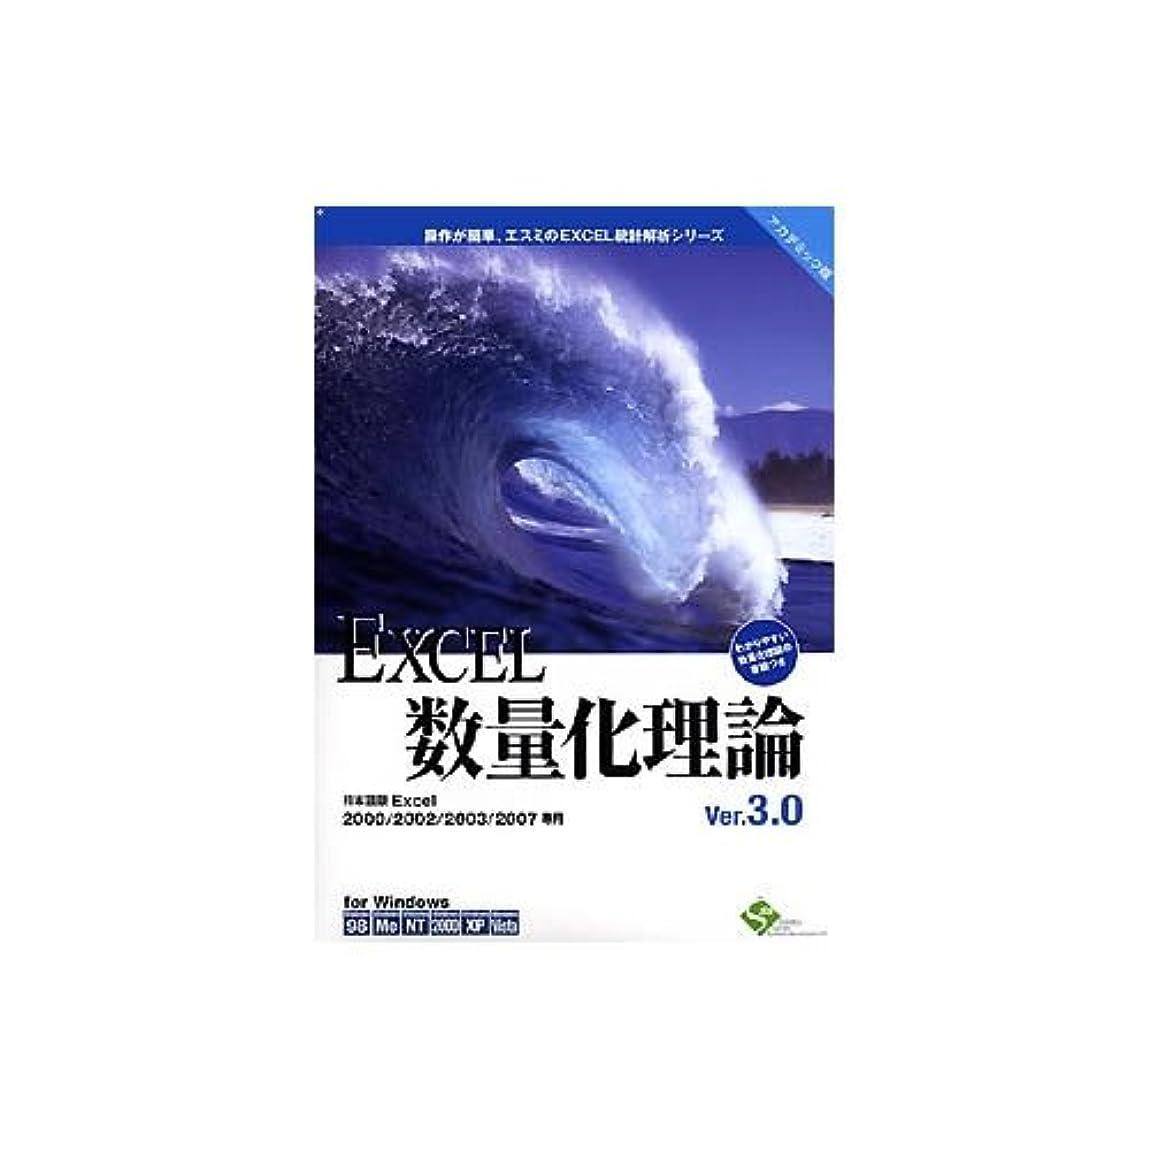 成功マガジン女の子EXCEL数量化理論 Ver.3.0 1ライセンスパッケージ アカデミックパック